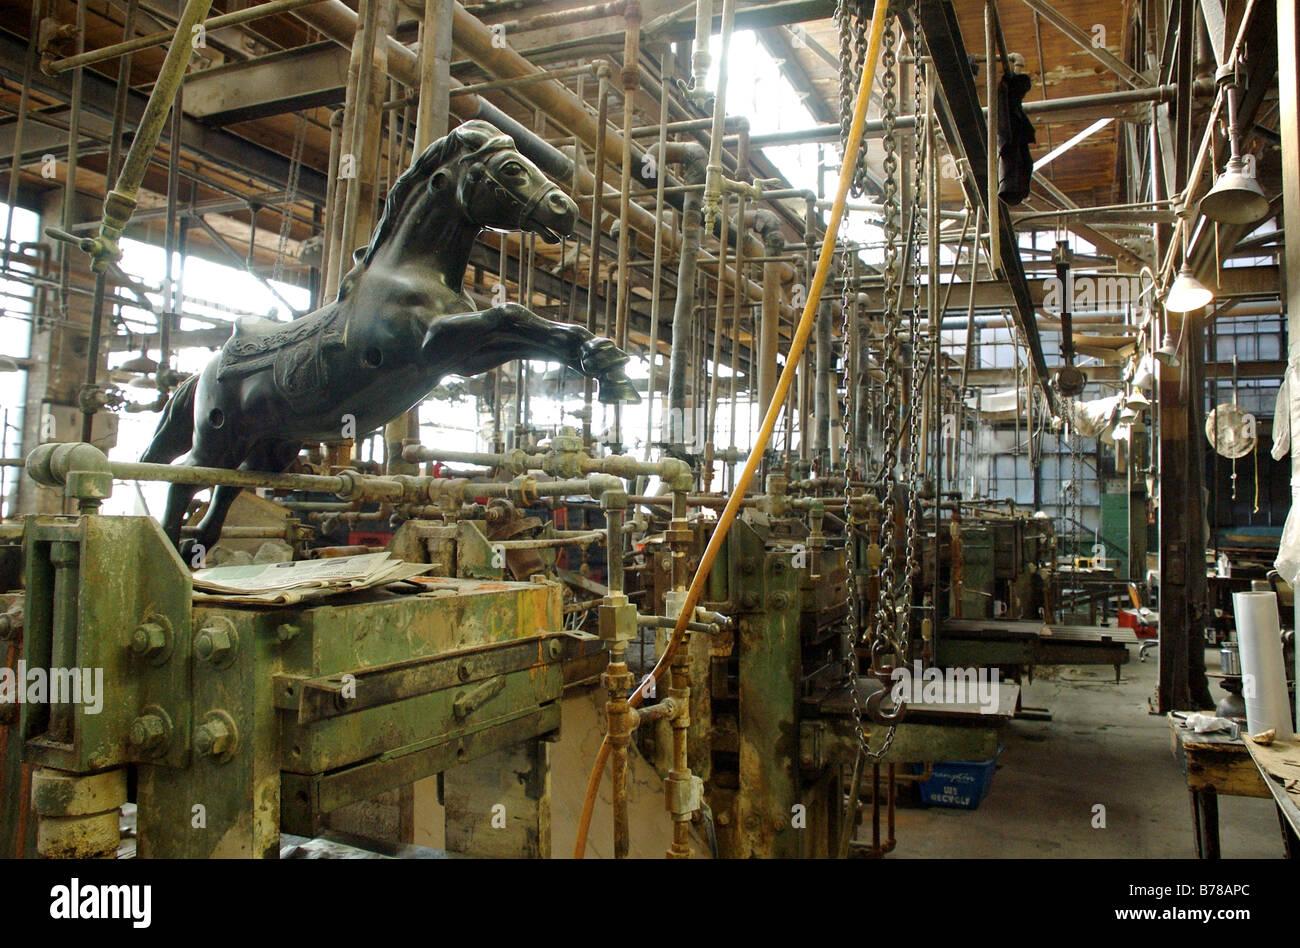 A west end Toronto fabbrica in fase di chiusura e di riqualificazione del sito Immagini Stock